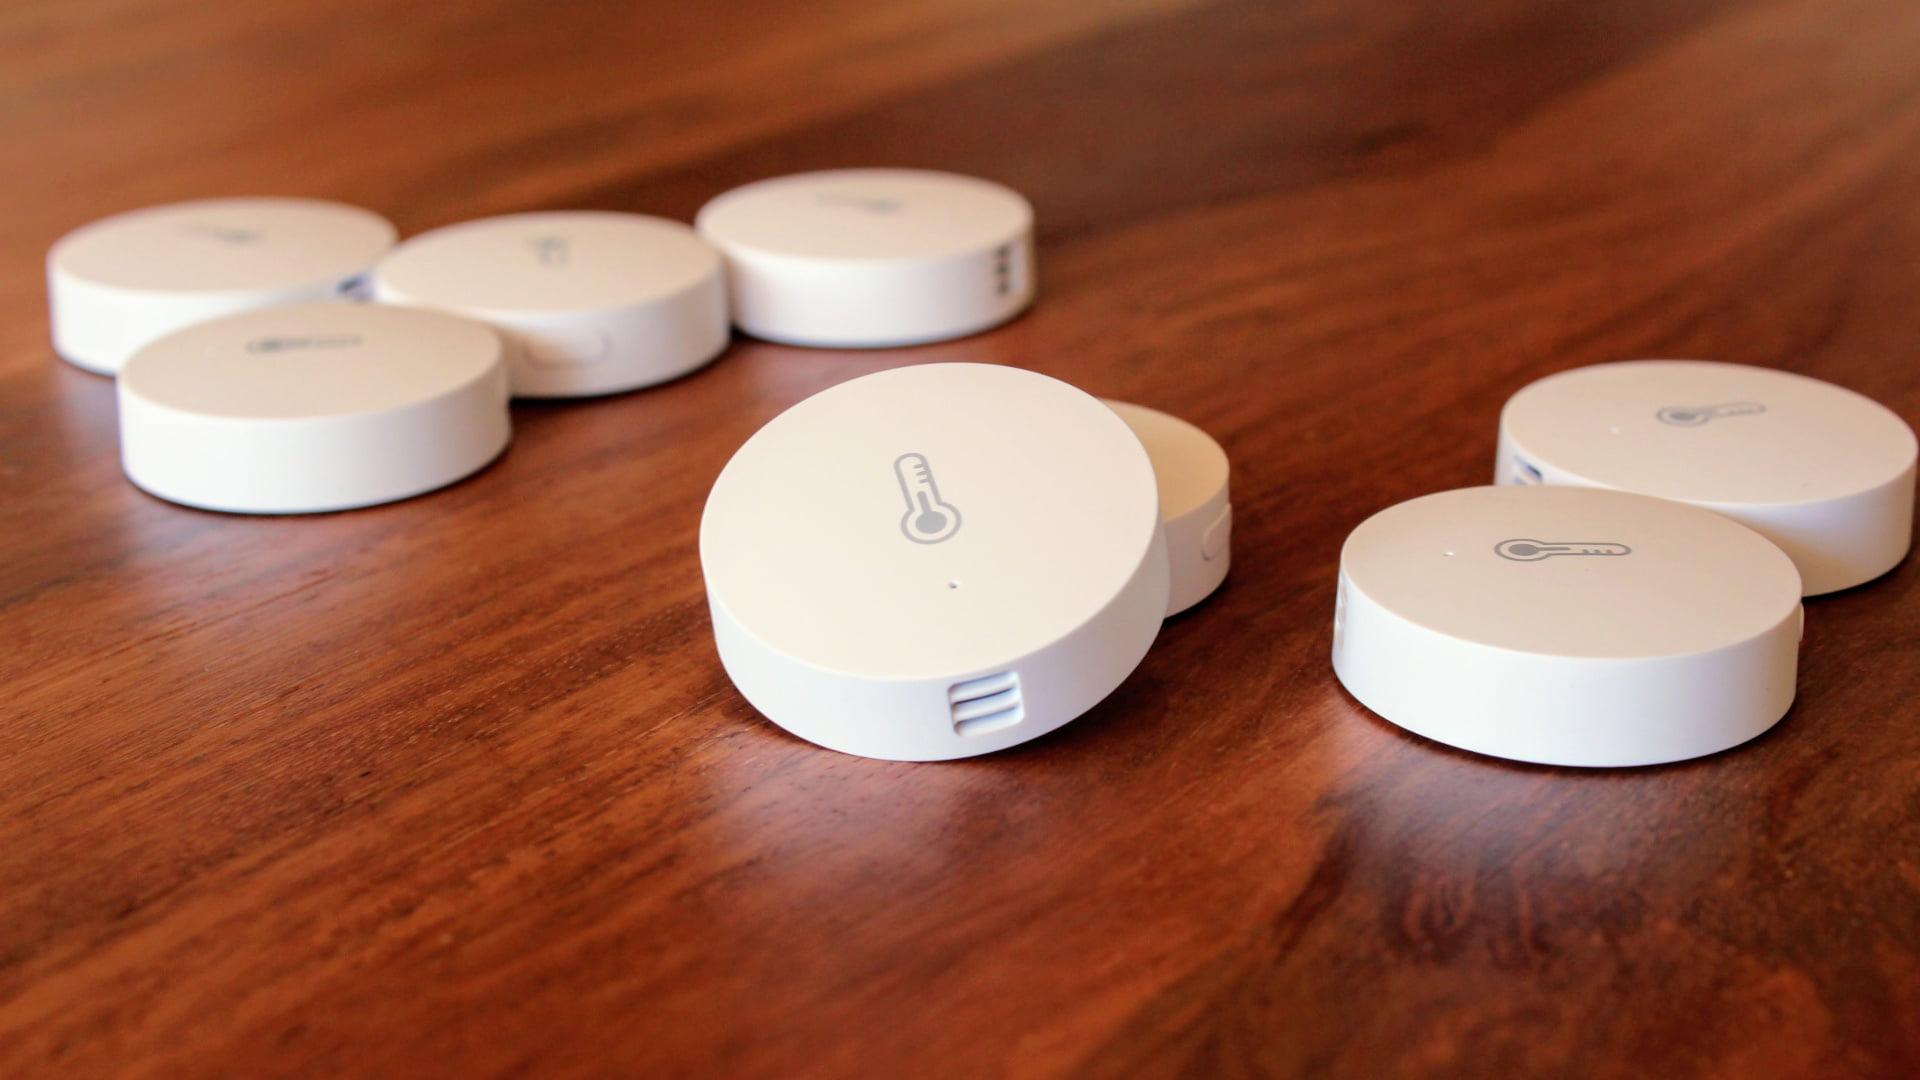 Smart Home Part 4 - Sensors & new hardware | AEC Scene